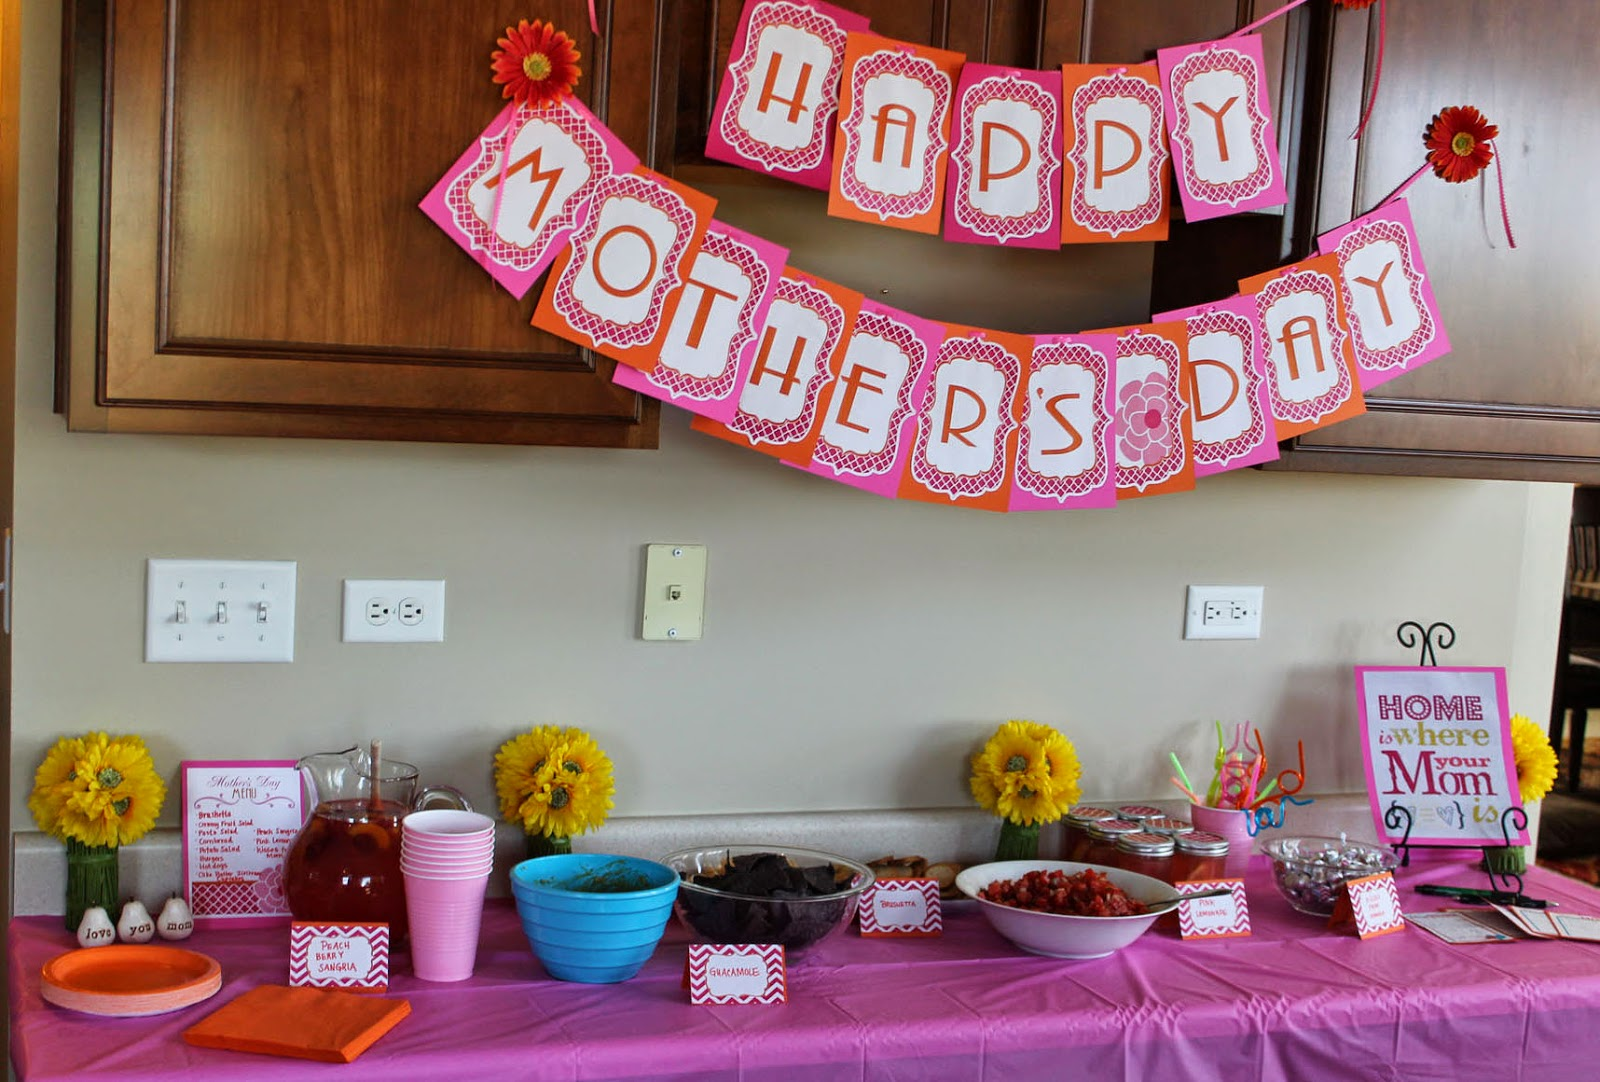 10 decorações de mesa criativas para o dia das m u00e3es Amando Cozinhar Receitas Fáceis e rápidas -> Decoração De Mesa Para Almoço Dia Das Mães